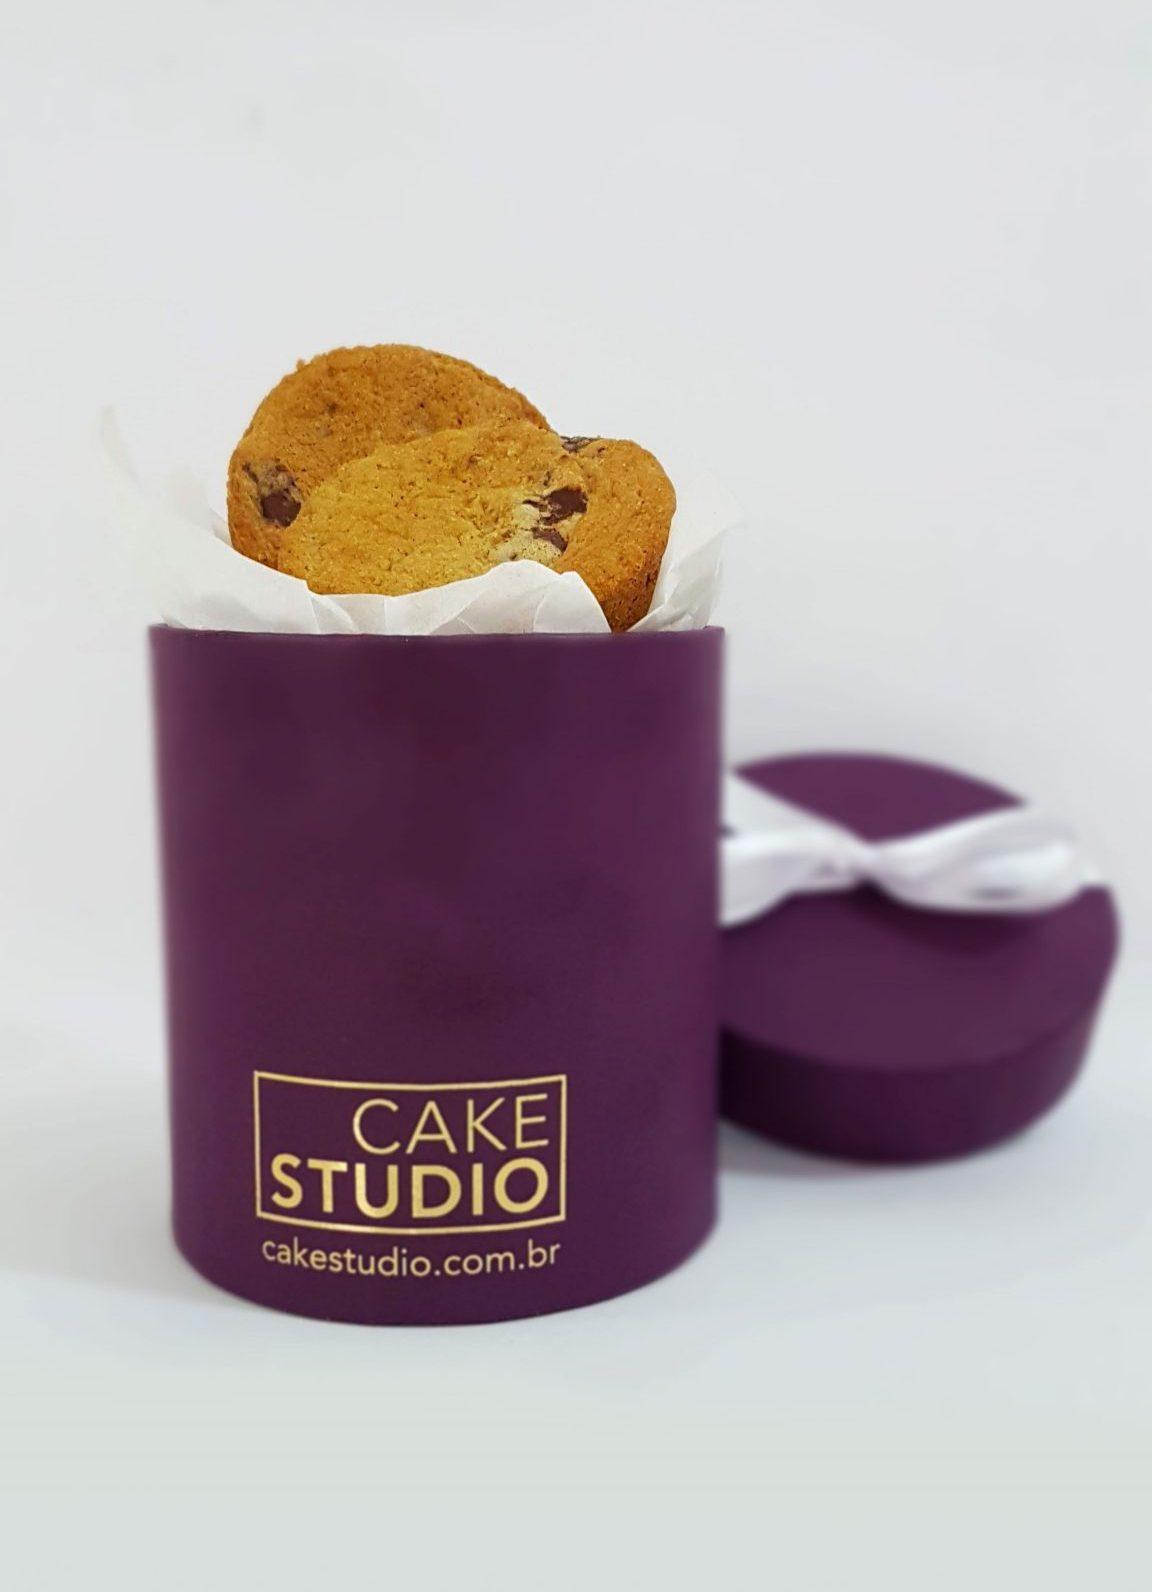 Chocolate Chip Cookies na Caixa de Presente. Feito por Cake Studio ( contato@cakestudio.com.br   Whatsapp: (11) 96882-2623).